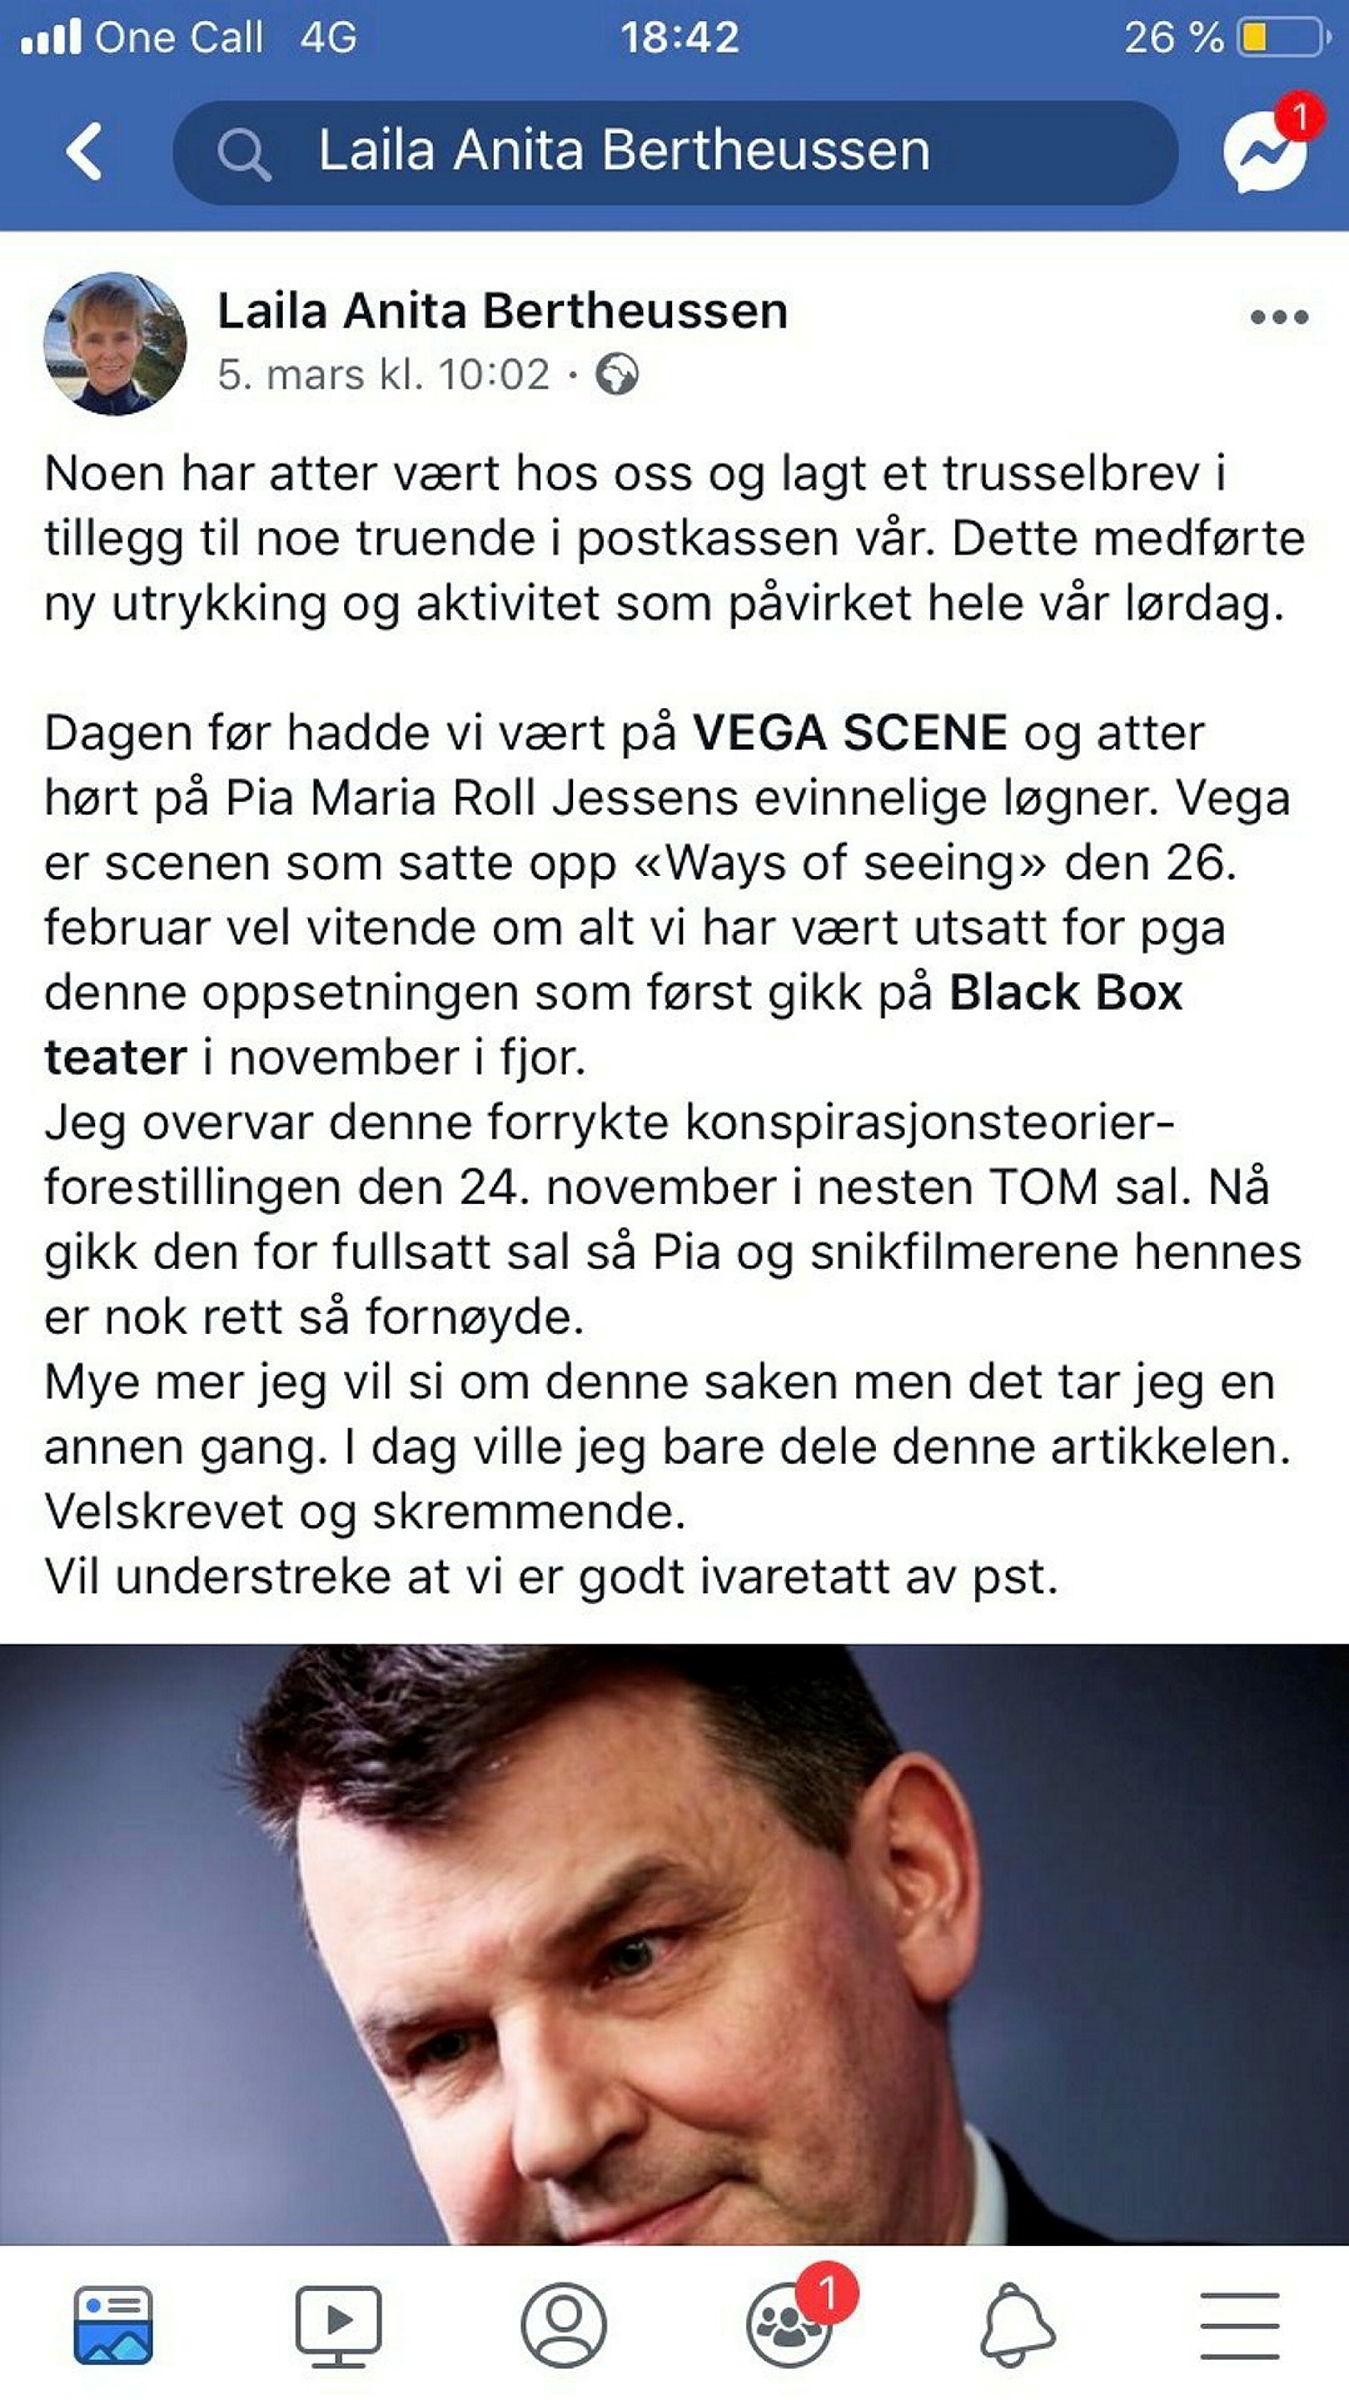 Dette skrev Bertheussen på sin Facebook-profil 5. mars. Innlegget ble torsdag kveld slettet fra hennes profil.